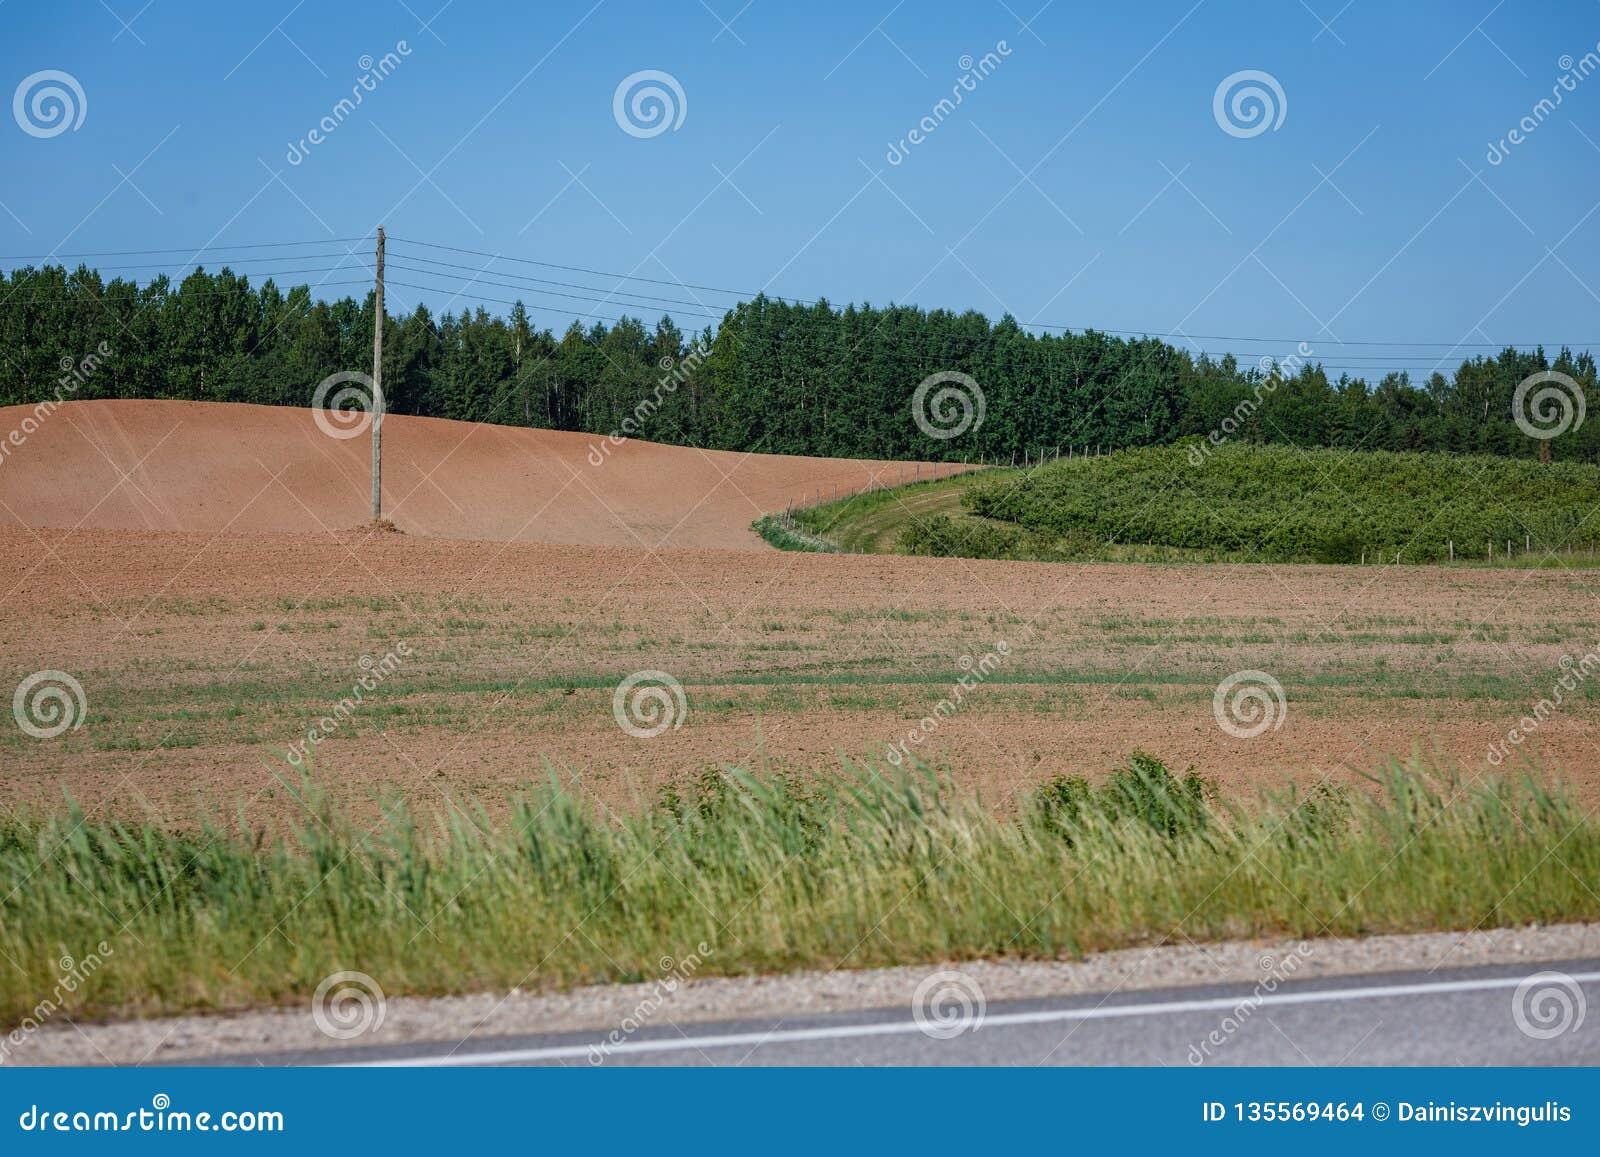 Un campo agricolo elaborato con un palo elettrico nel mezzo